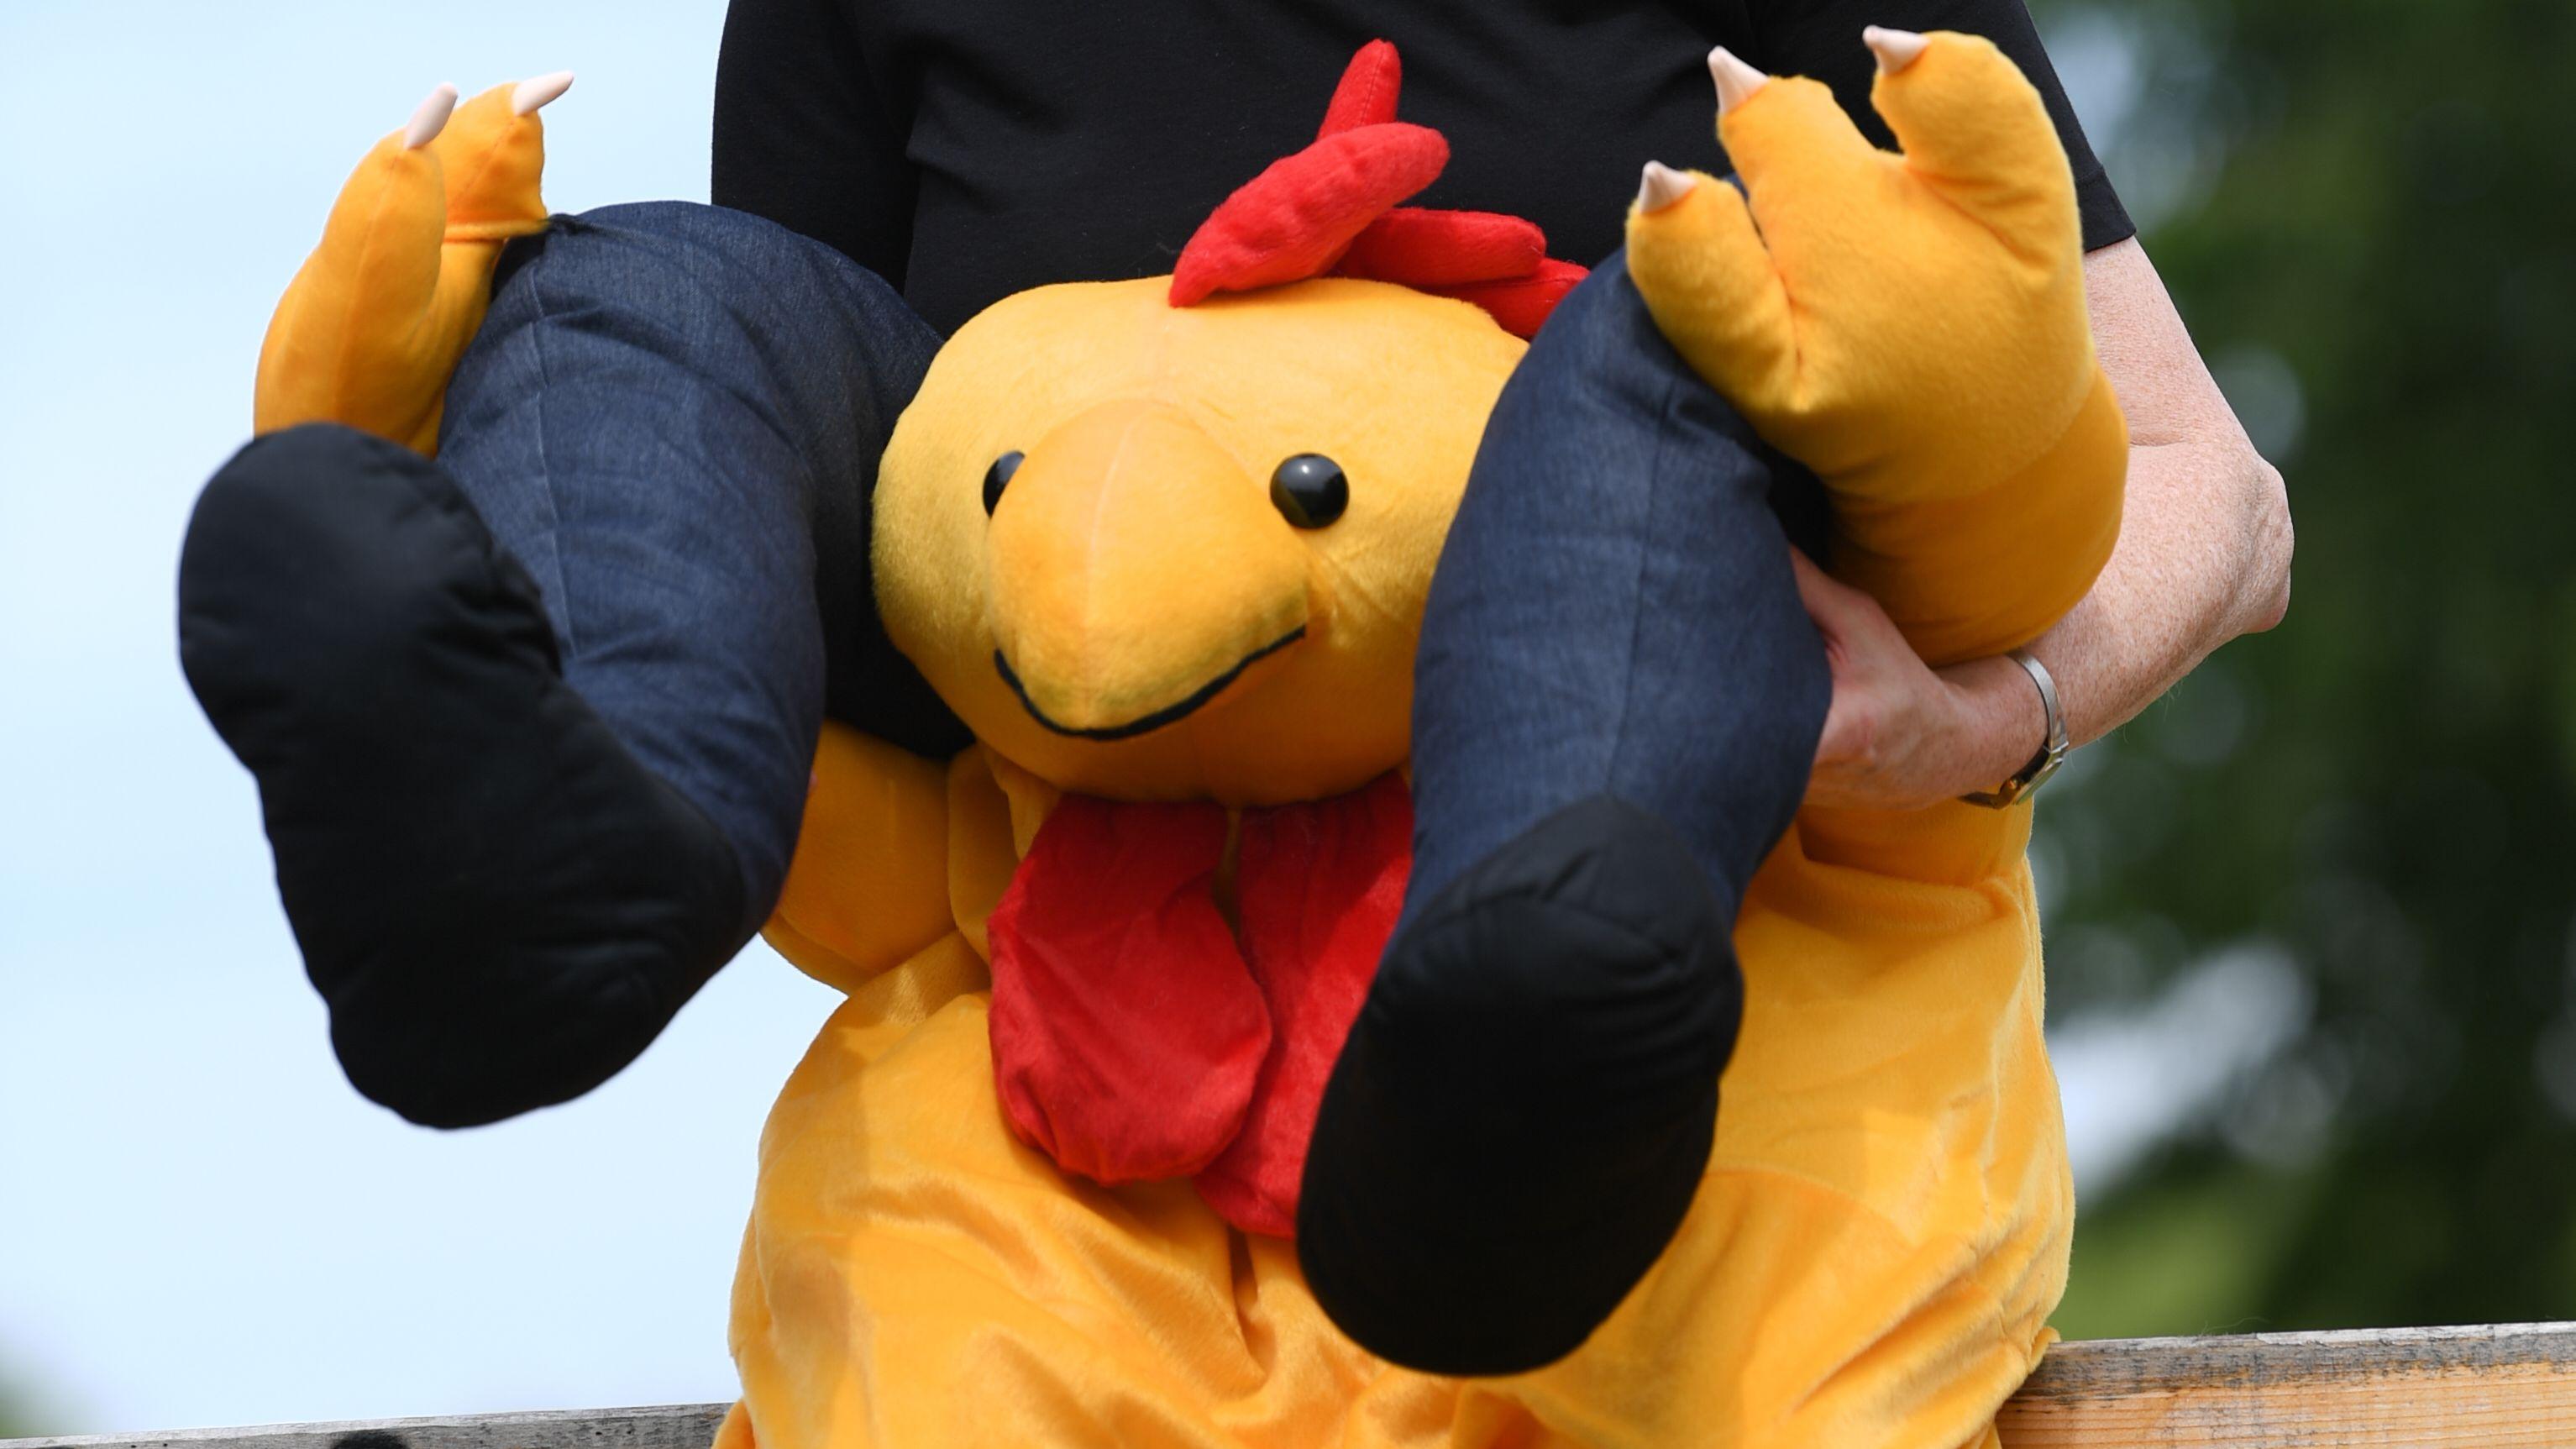 Die 6. Deutsche Gockelkrähmeisterschaft am 9. Juni 2019 in Göcklingen in Rheinland-Pfalz: In dem spaßigen Wettbewerb machen Menschen Hühner nach.